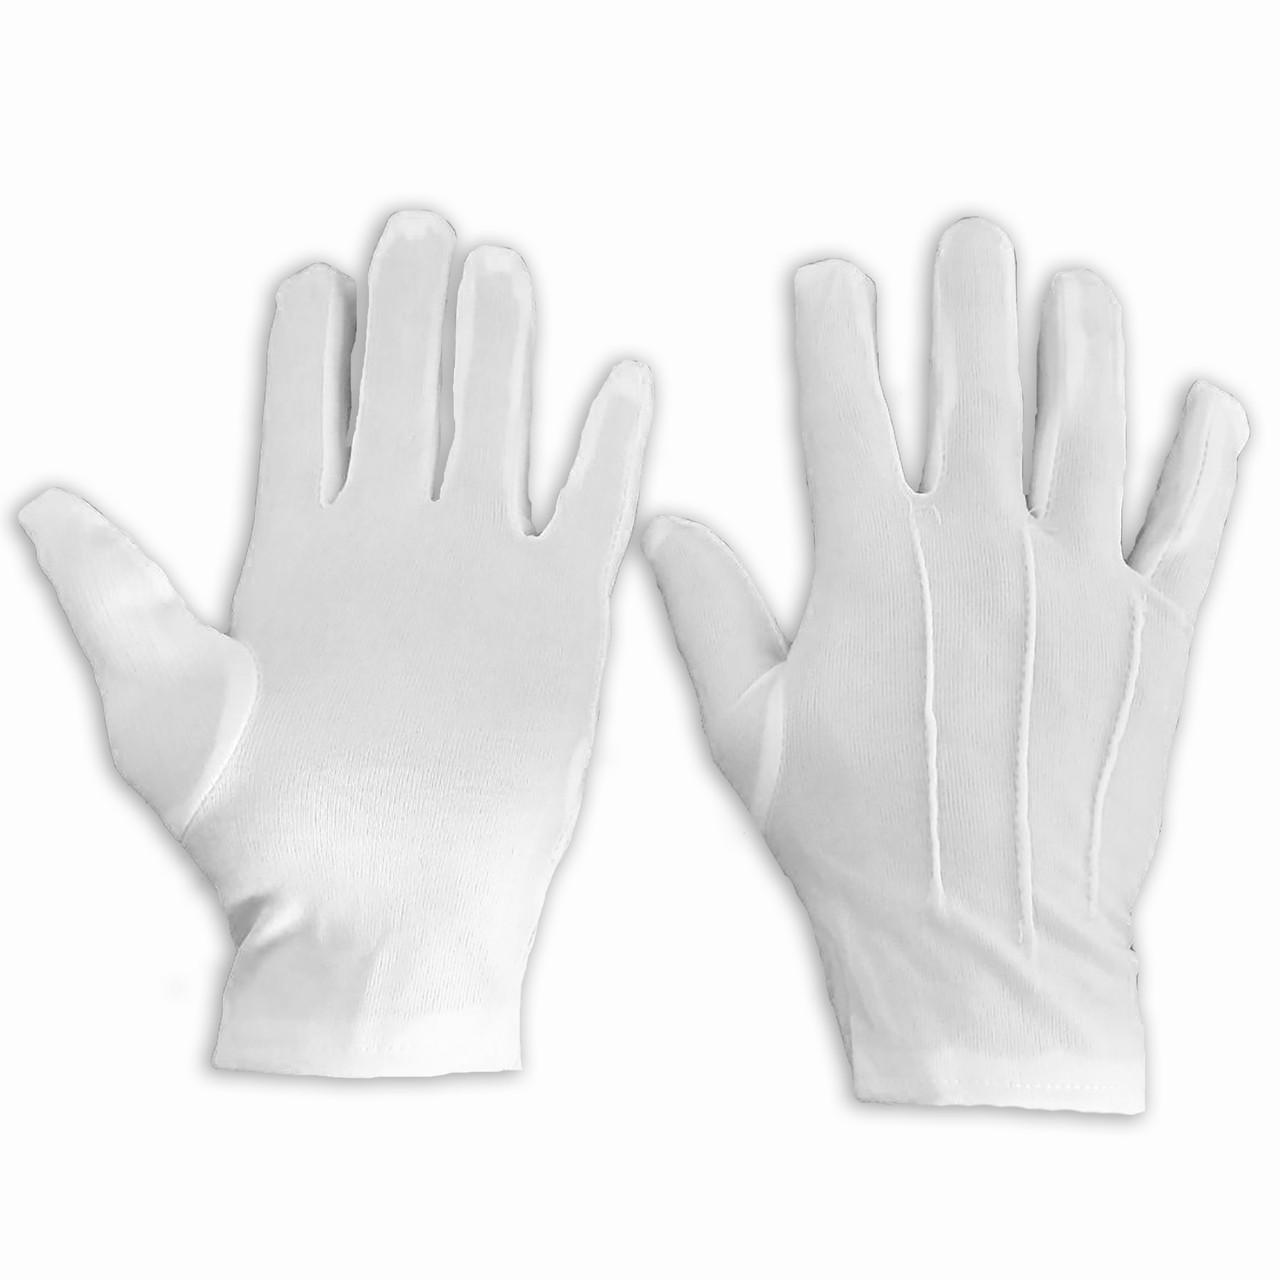 Рукавички нейлонові білі, розмір — L, упаковка — 12 пар